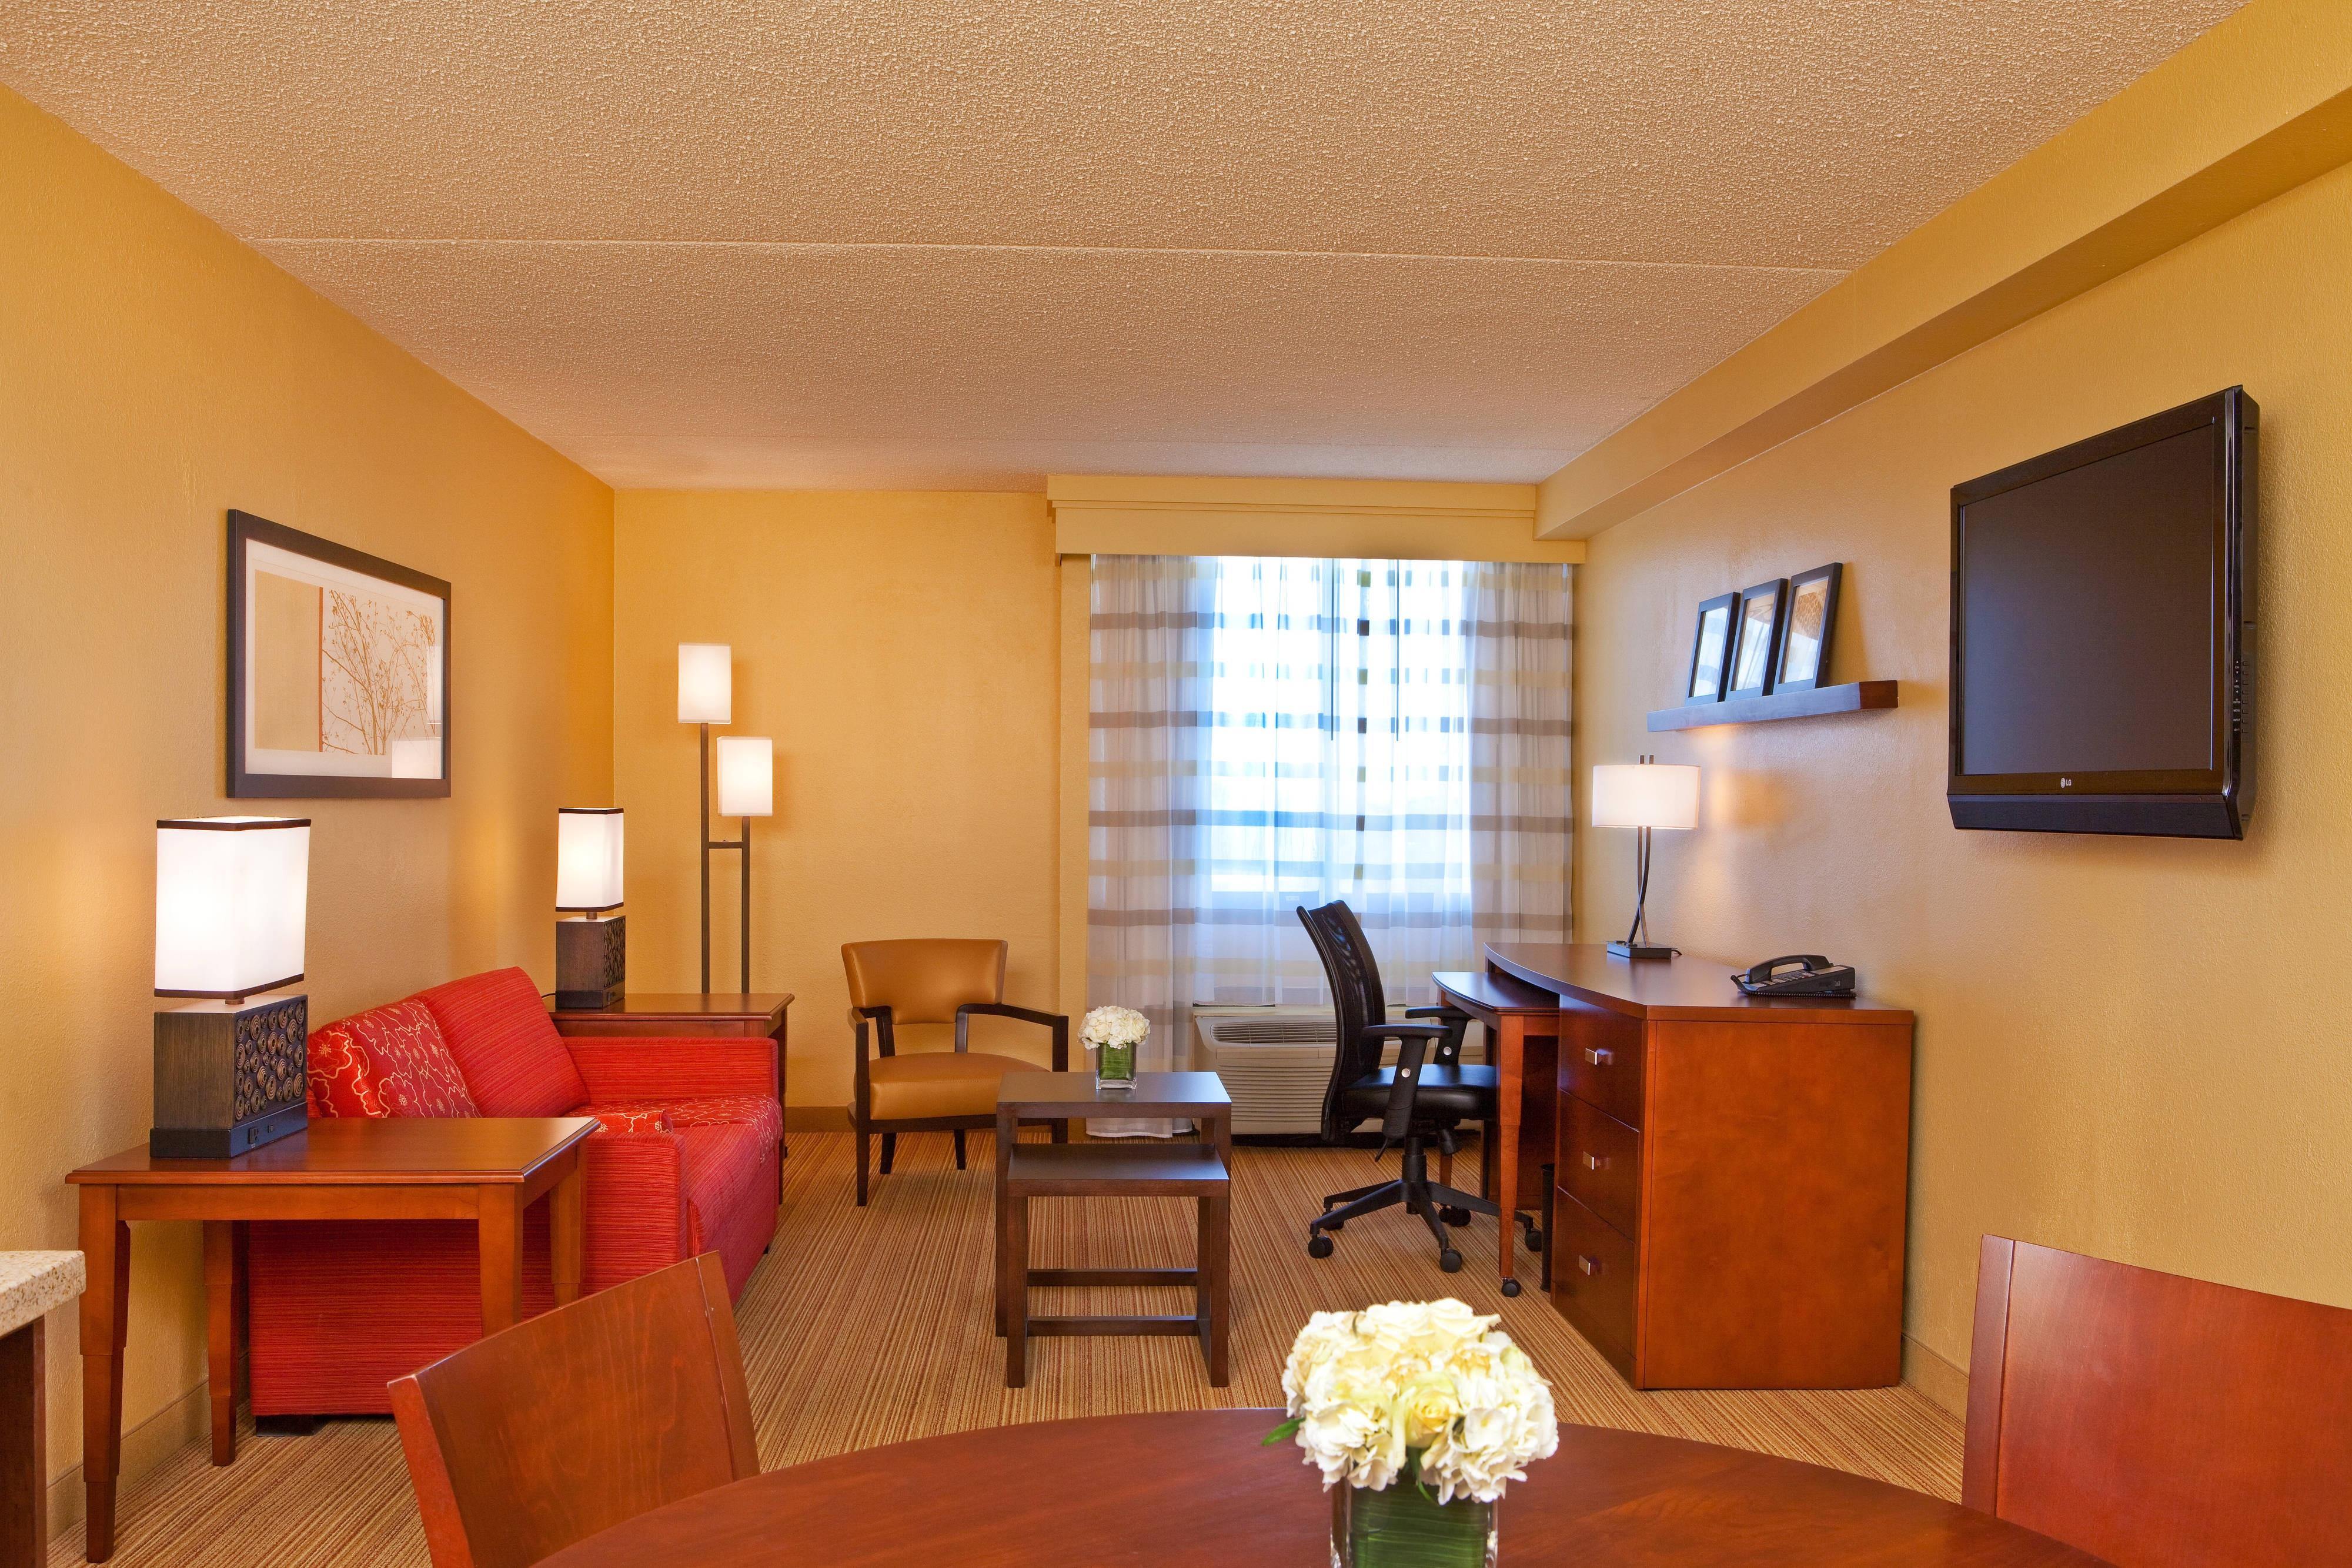 Alexandria, VA hotel suites